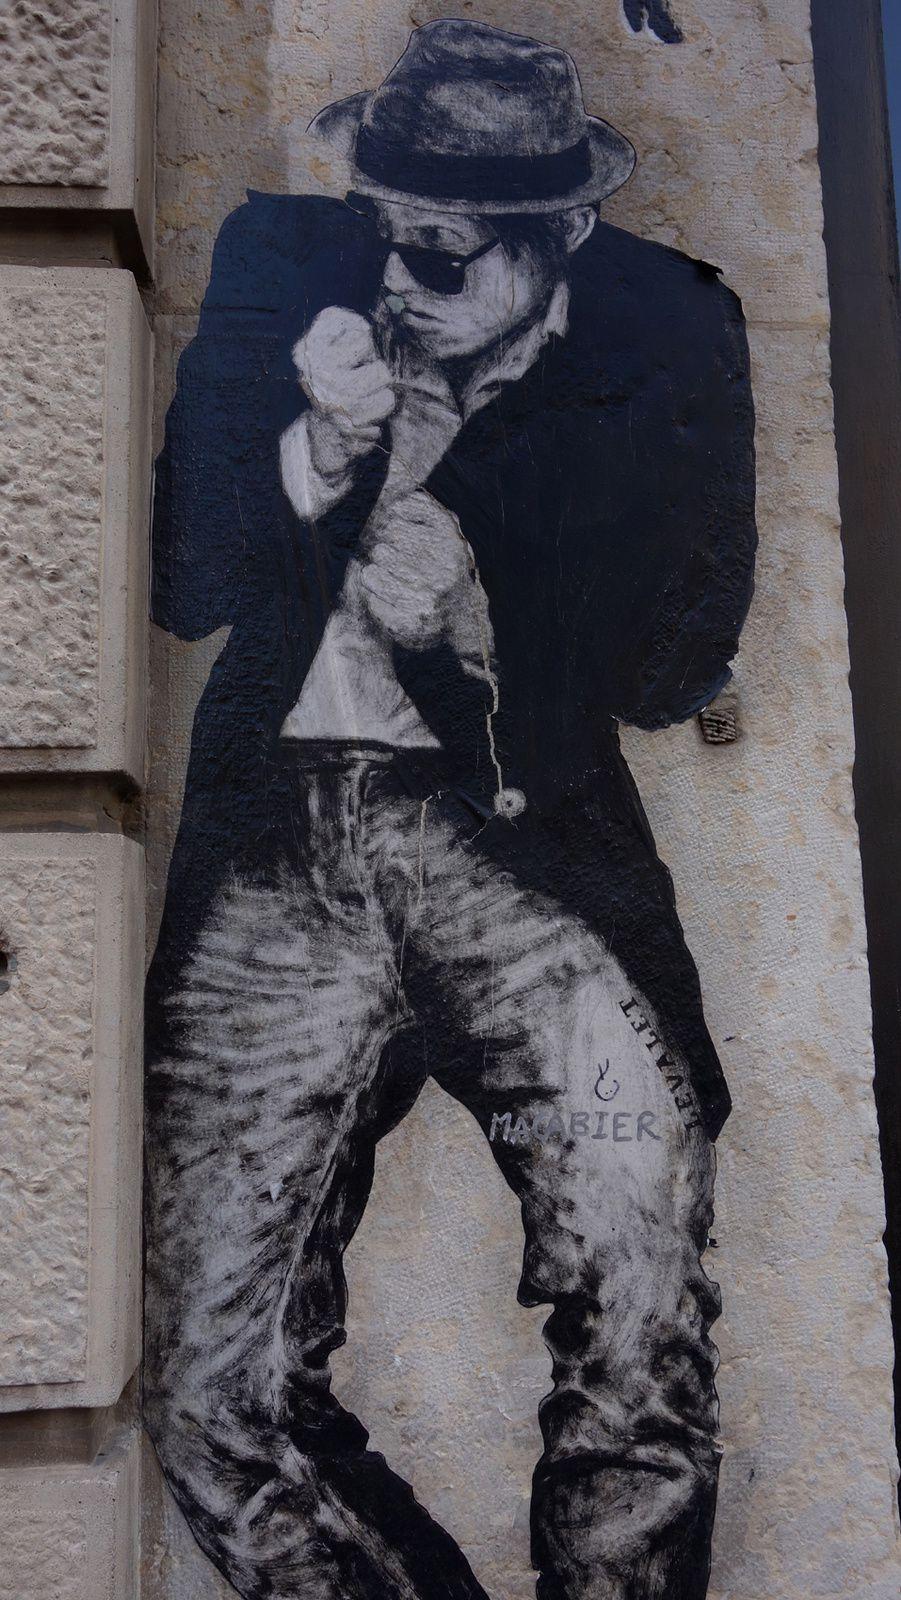 Street Art : Graffitis & Fresques Murales 38185 Grenoble